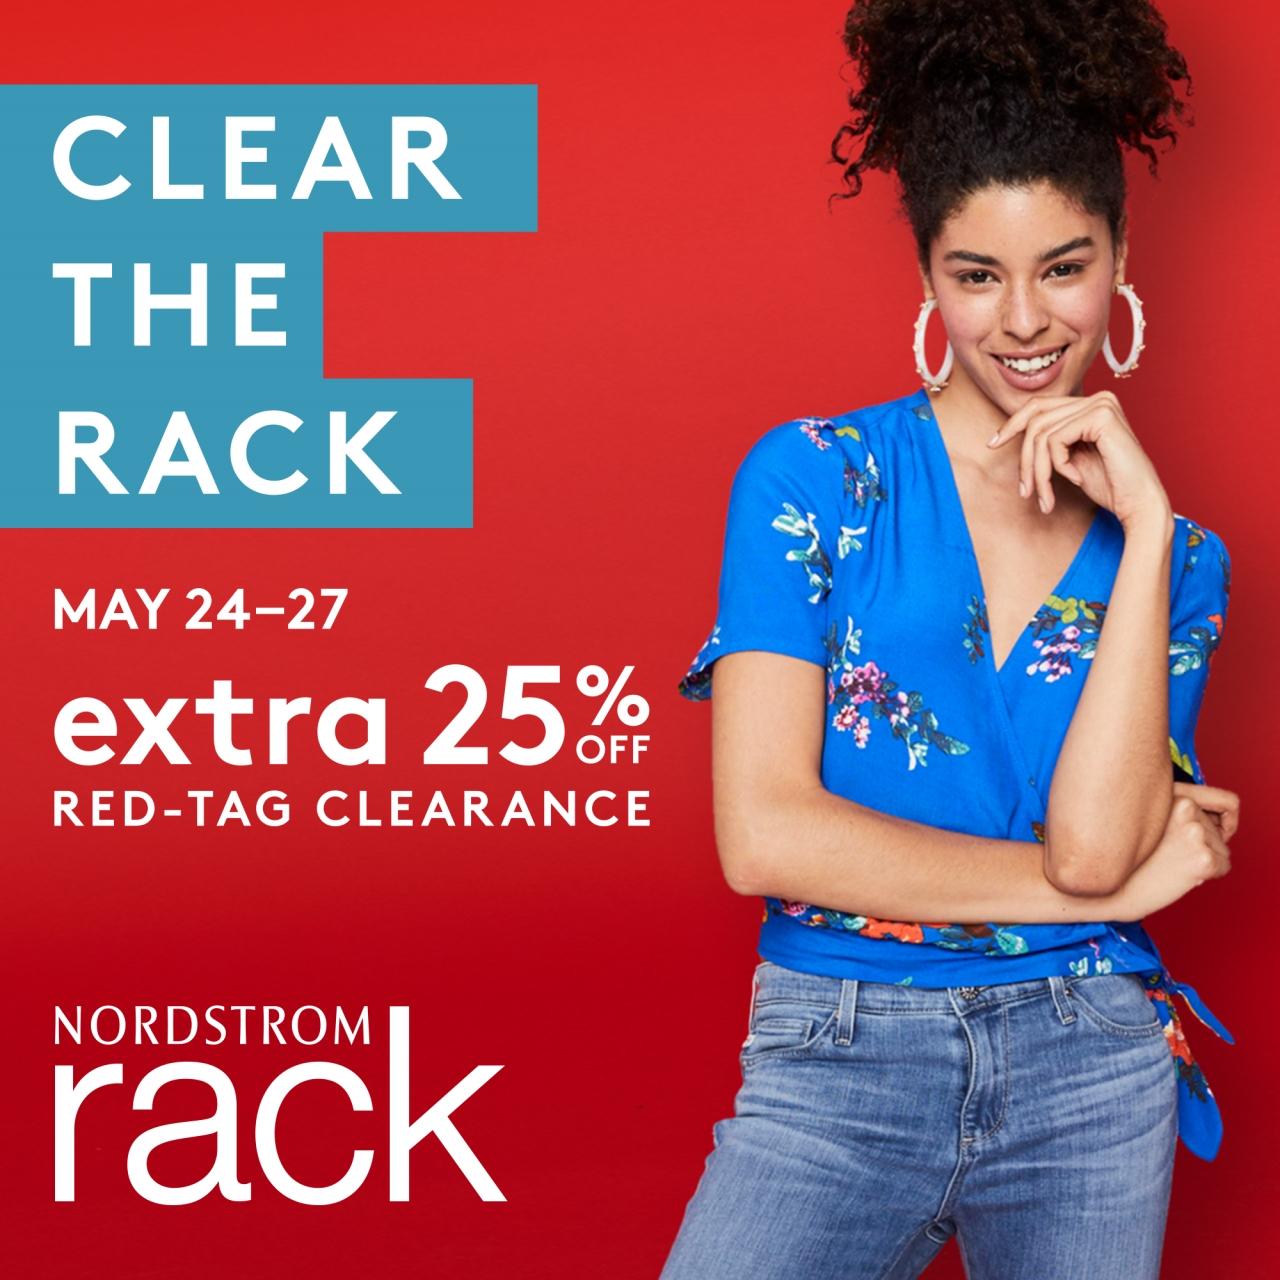 Nordstrom_Rack_Clear_the_Rack_at_Nordstrom_Rack__1280x1280_EN.JPG